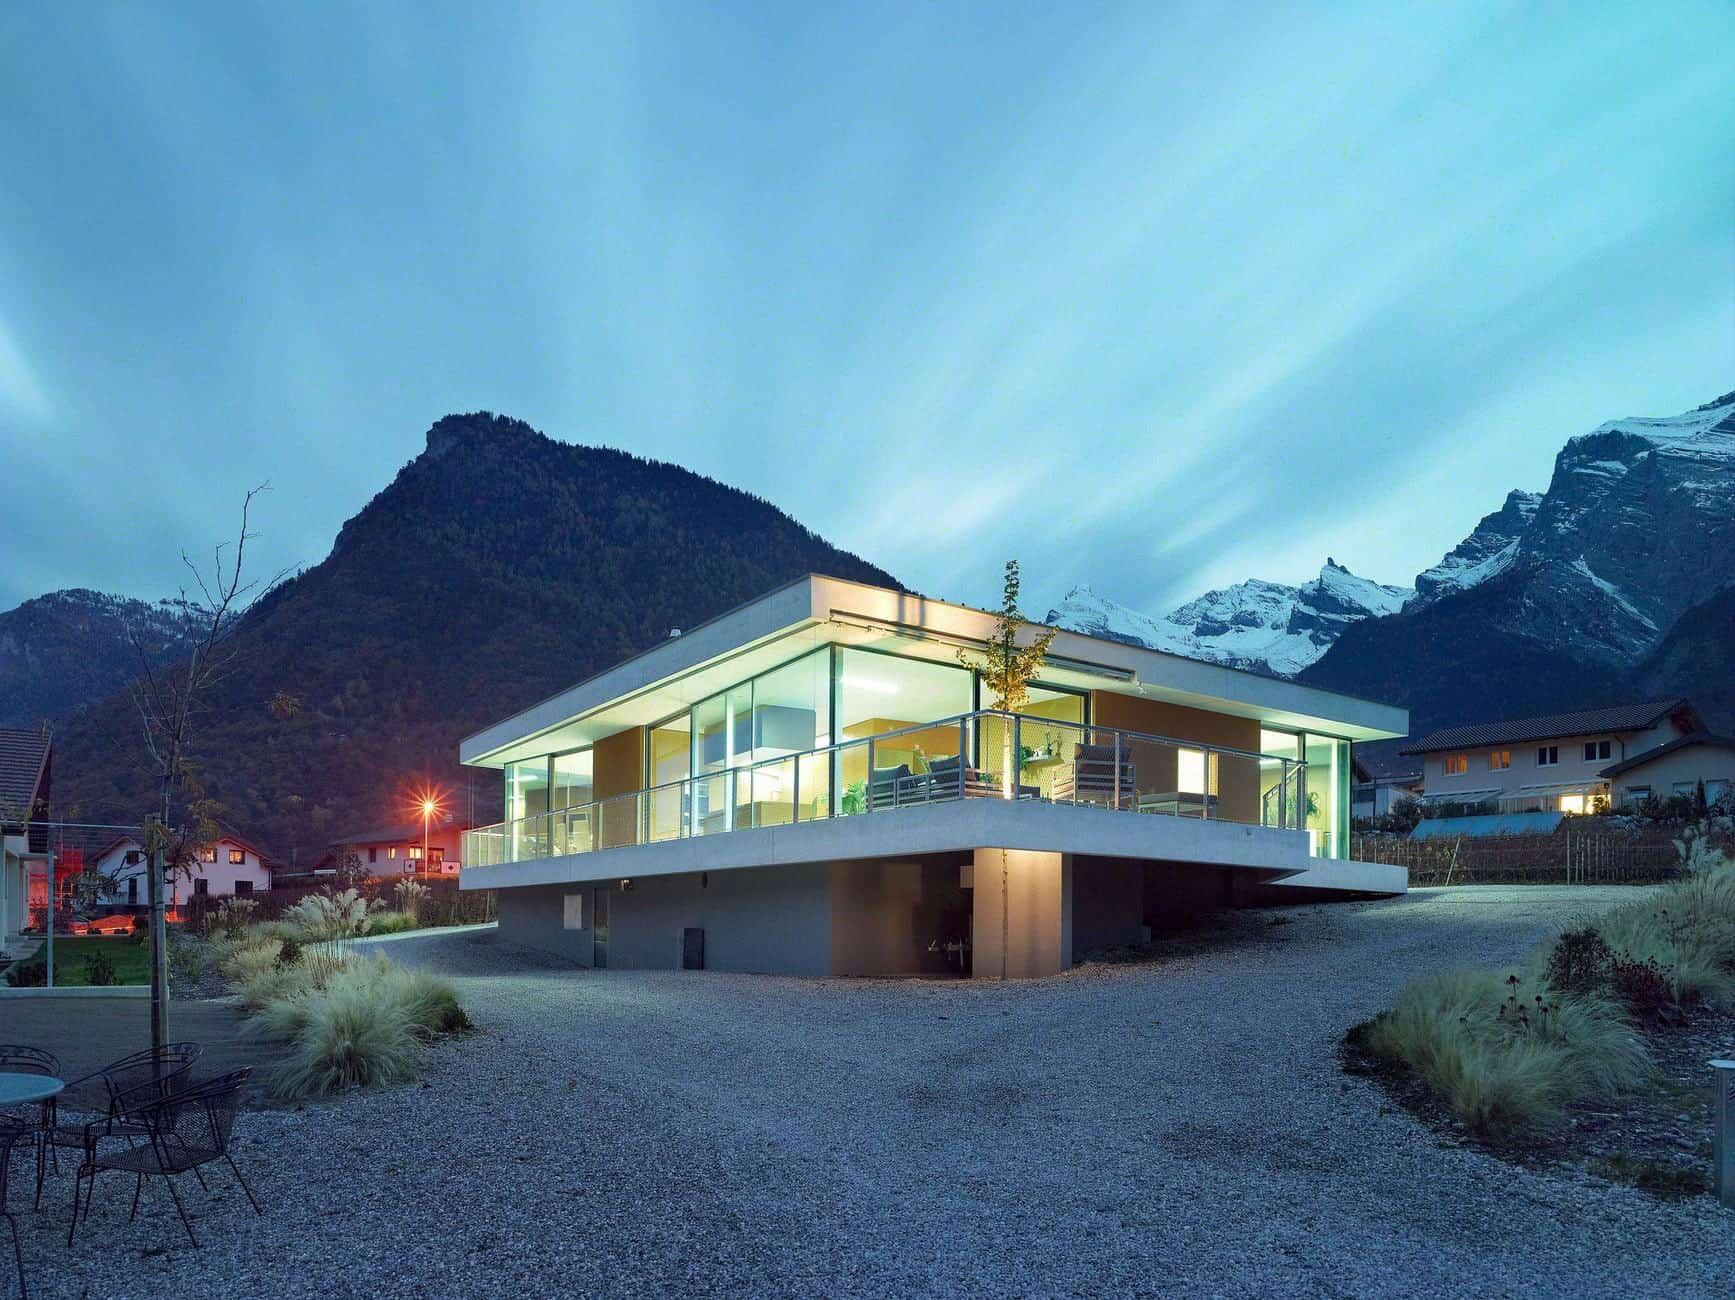 Concrete Homes Designs, Inspiration, Photos - Trendir